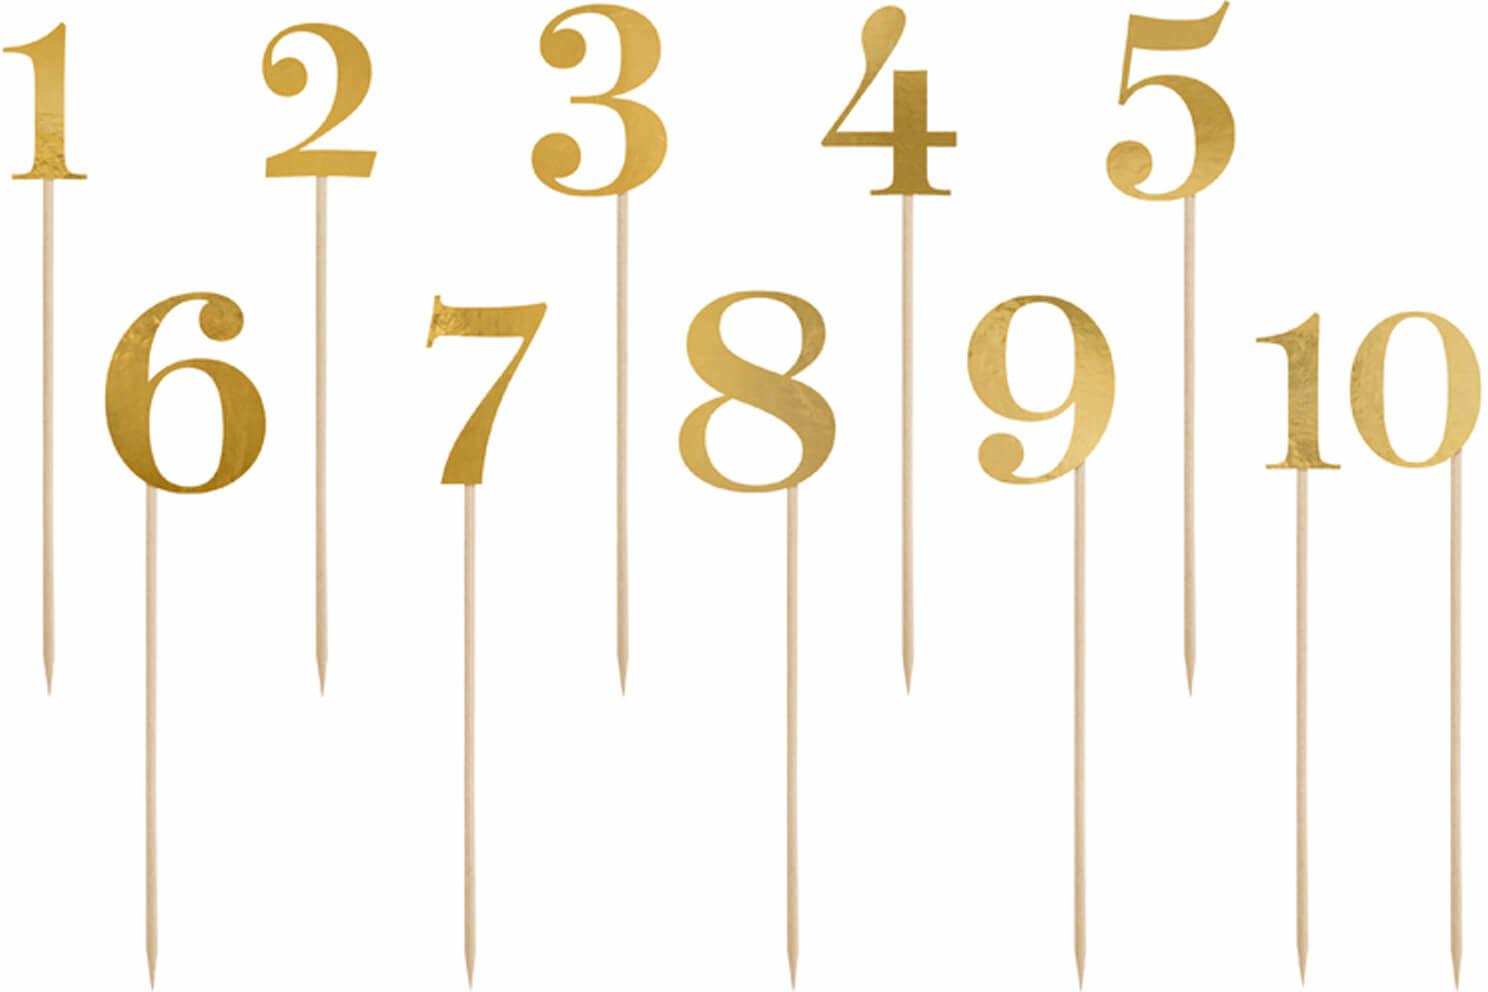 Numery na stół złote metalizowane - 11 szt.